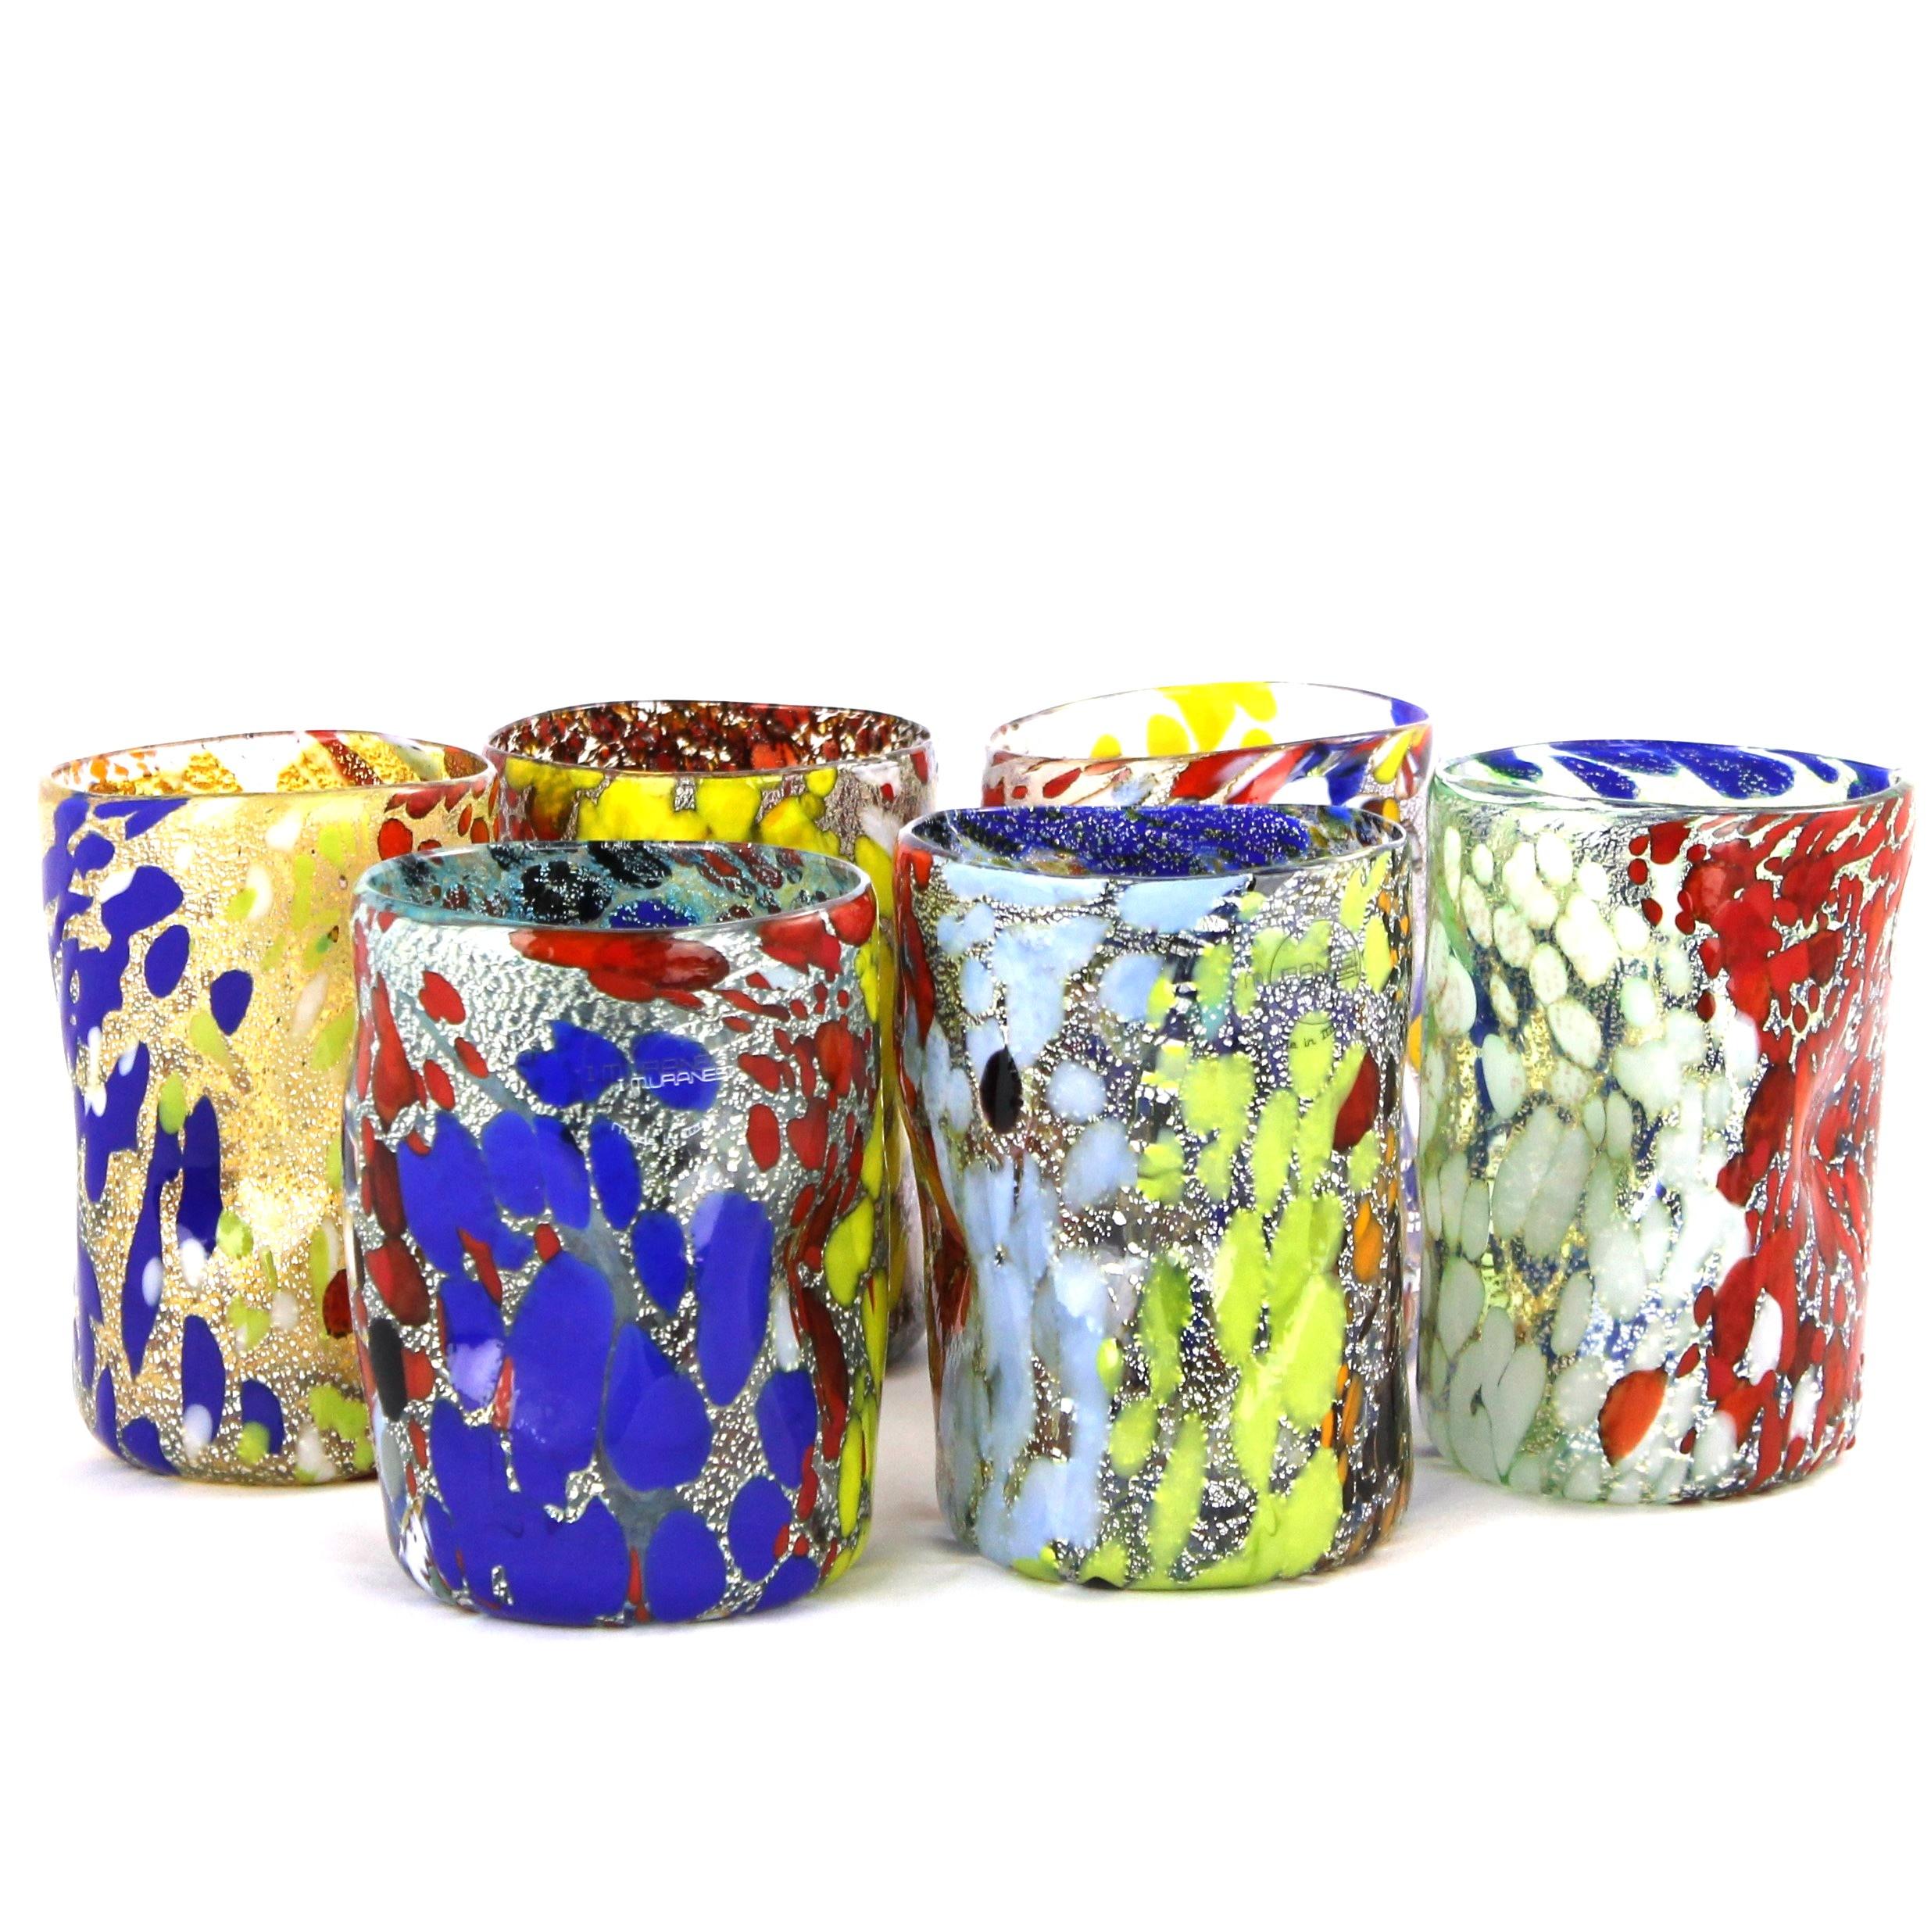 Cartoccio argento set di 6 bicchieri in vetro di murano for Bicchieri colorati vetro